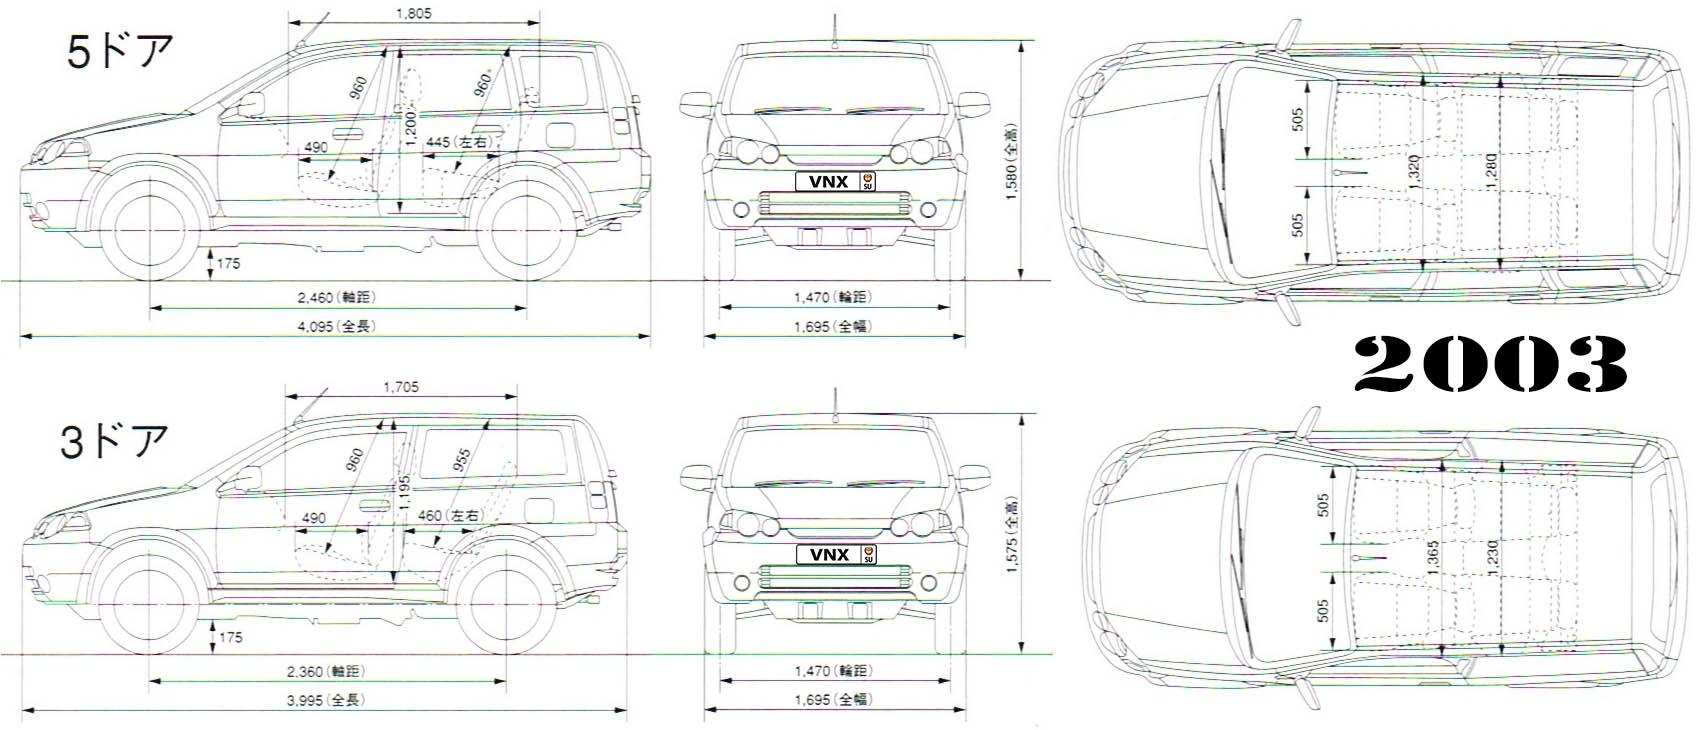 Скачать руководство по ремонту хонда хр-в внедорожник 3 дв.